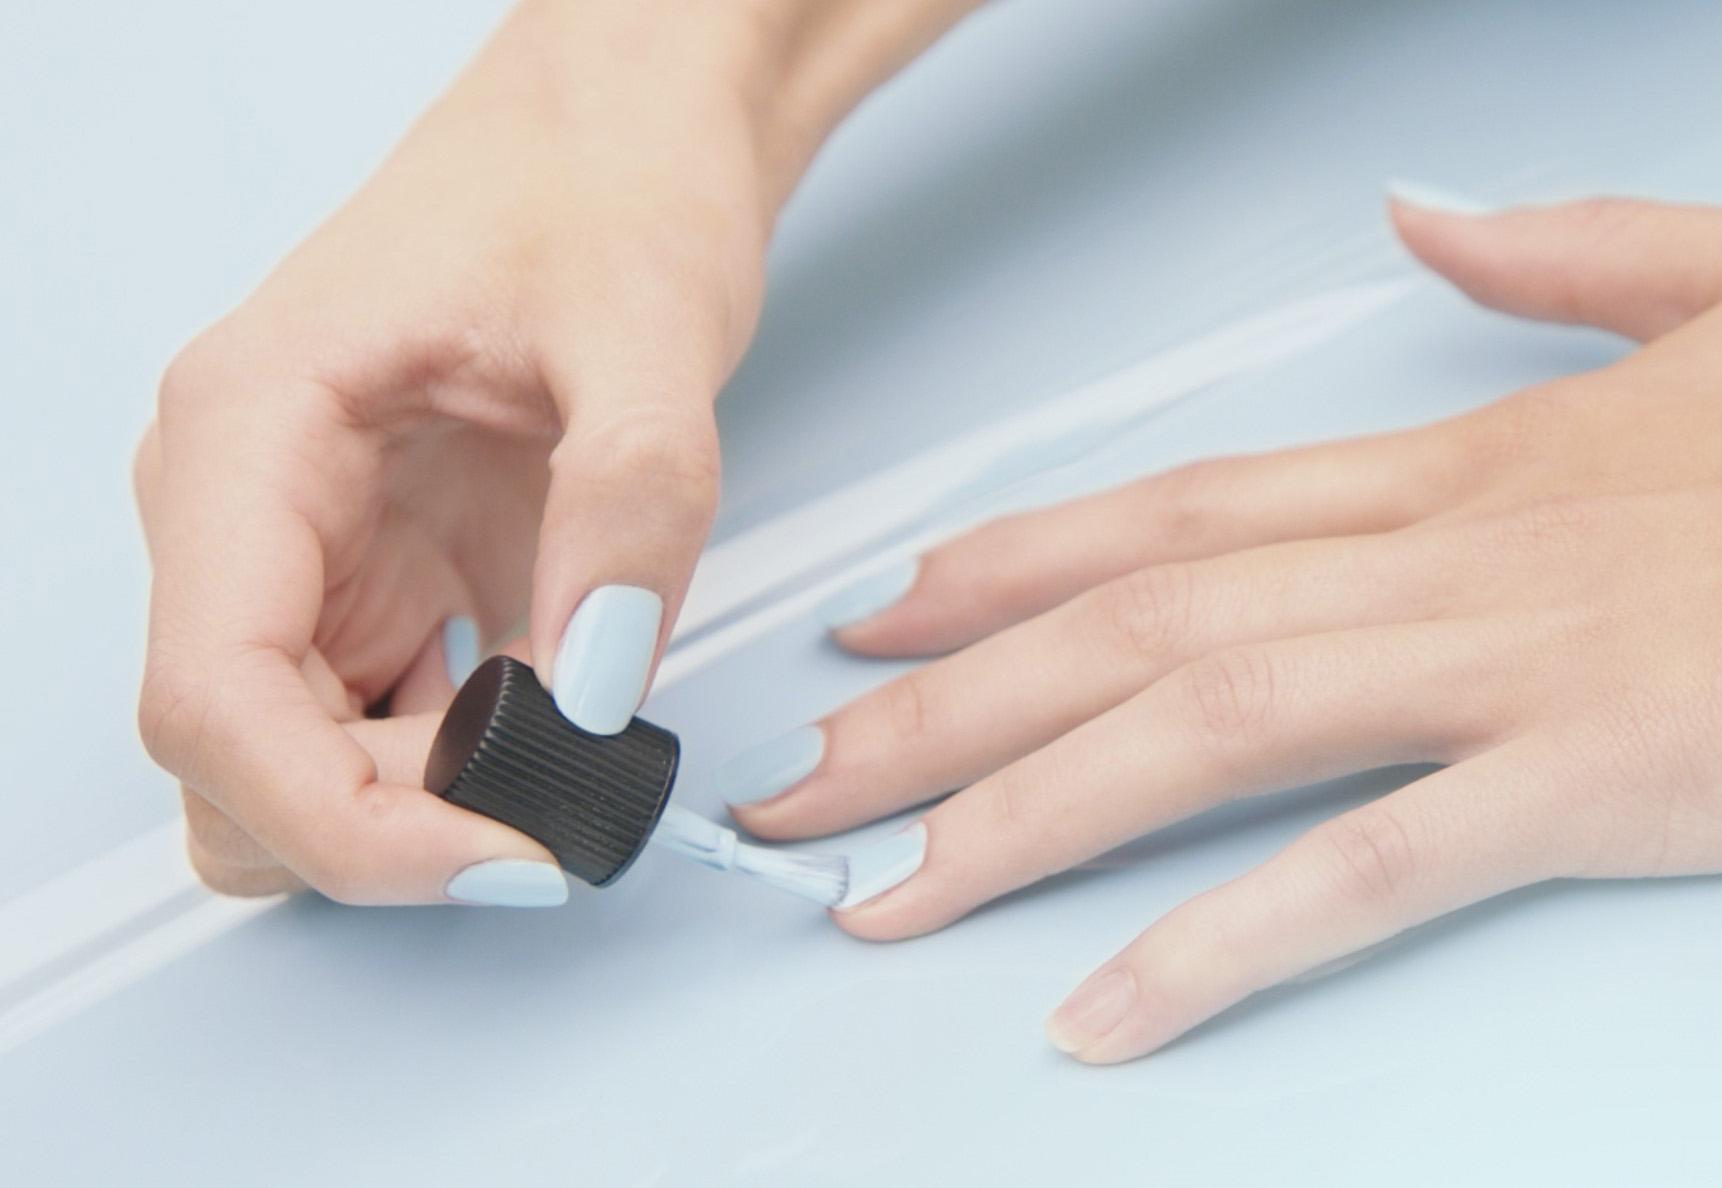 Марка Renault оказалась в центре скандала «из-за лака для ногтей» 2